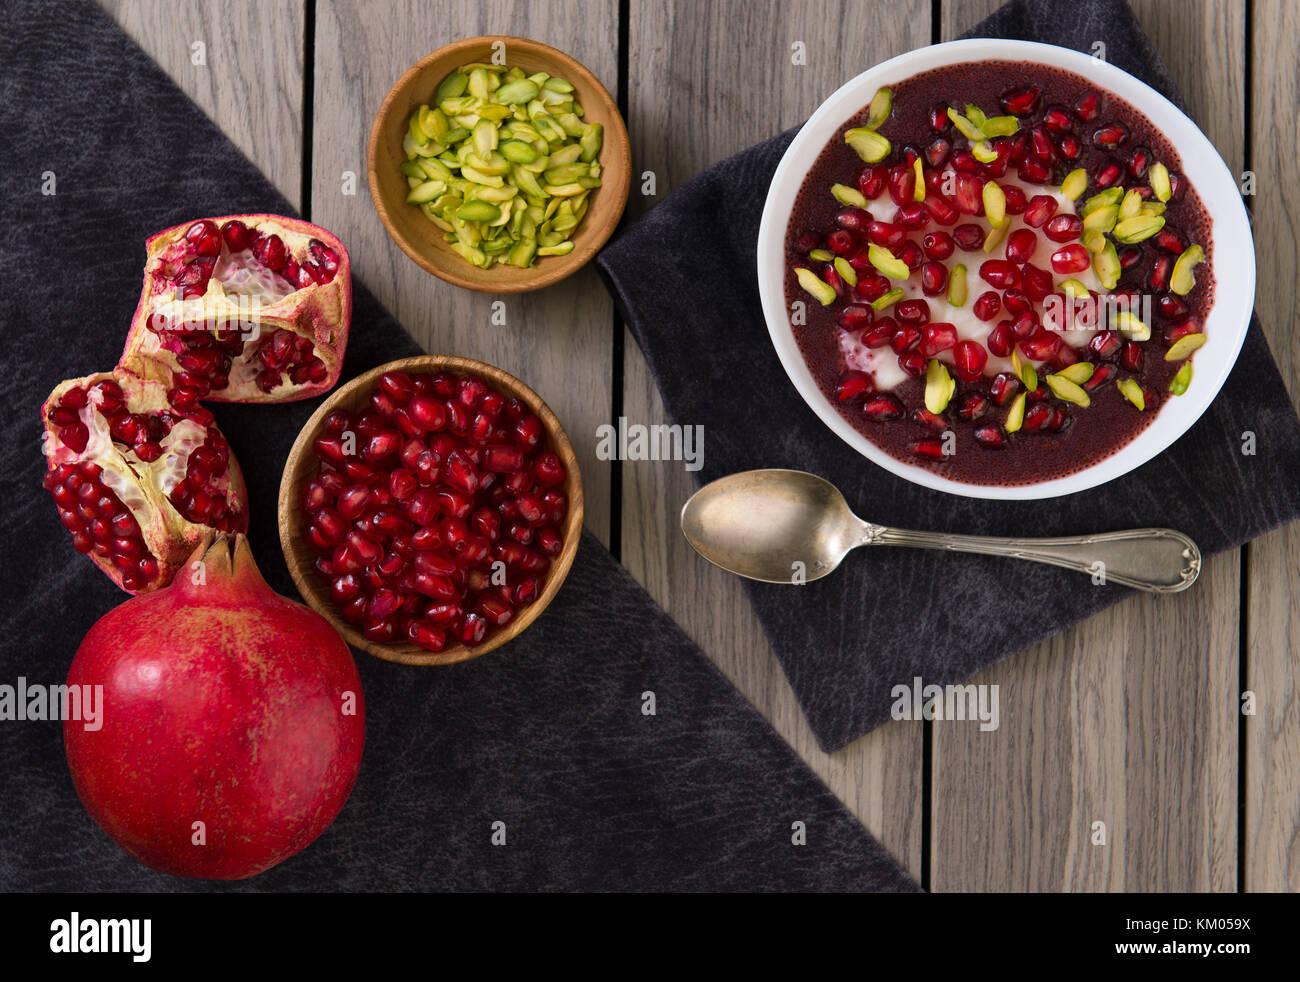 Granatapfel Wüste mit Chia Samen, Tapioka Pudding und Joghurt. gesunde Ernährung. nach oben anzeigen. Stockbild